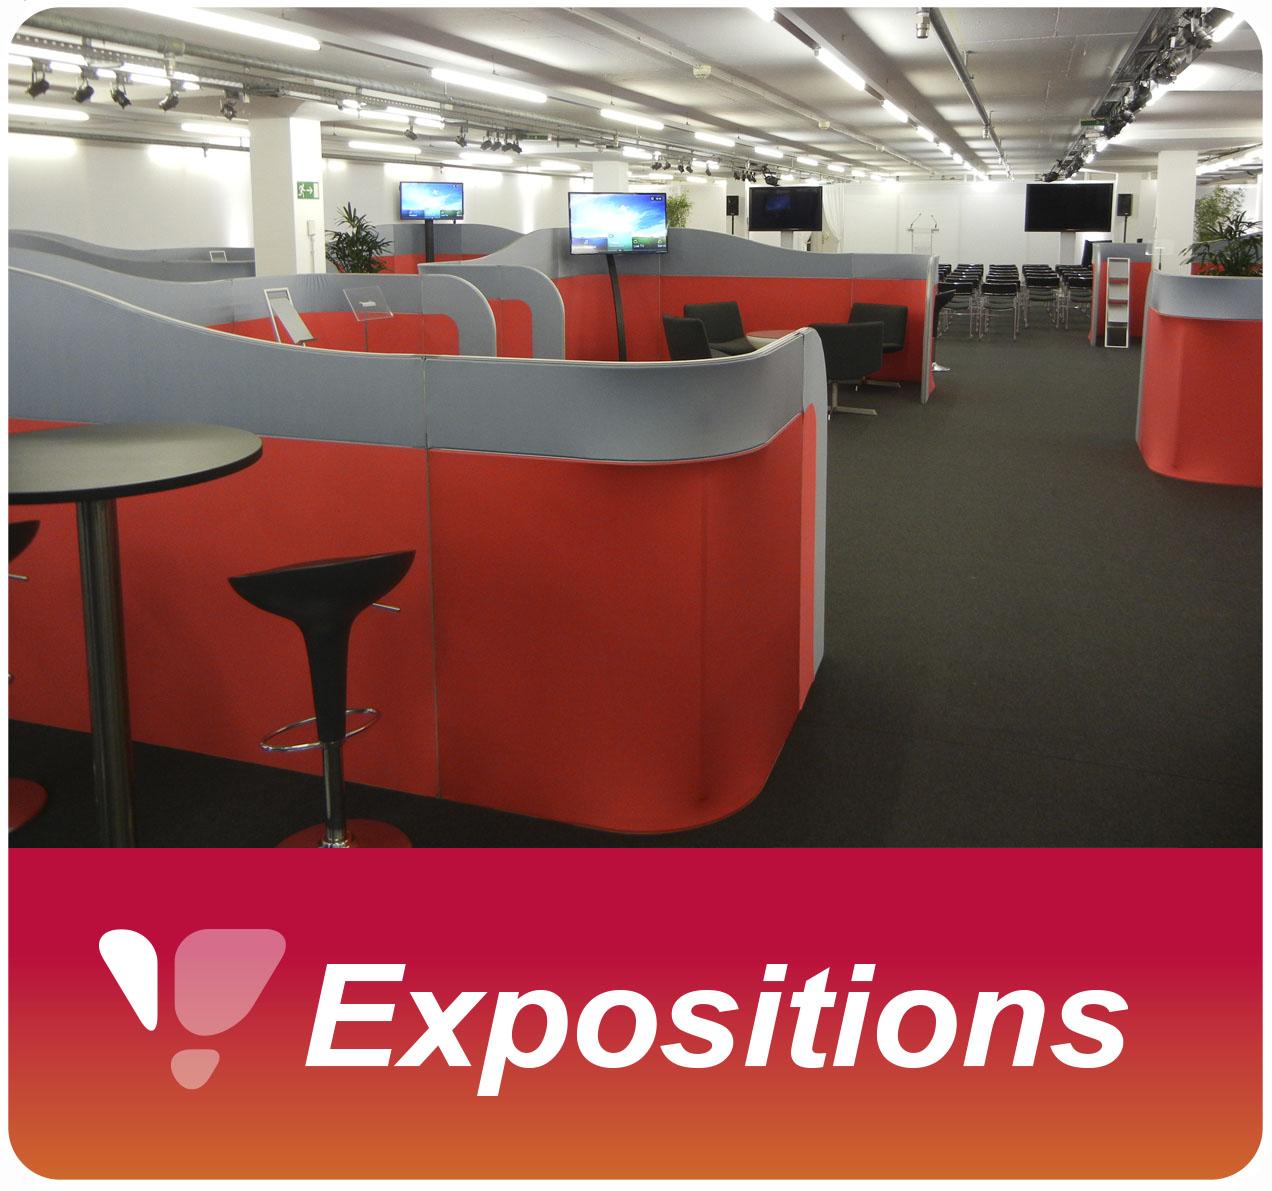 Location de chaises et tables pour congrès et salons d'expositions